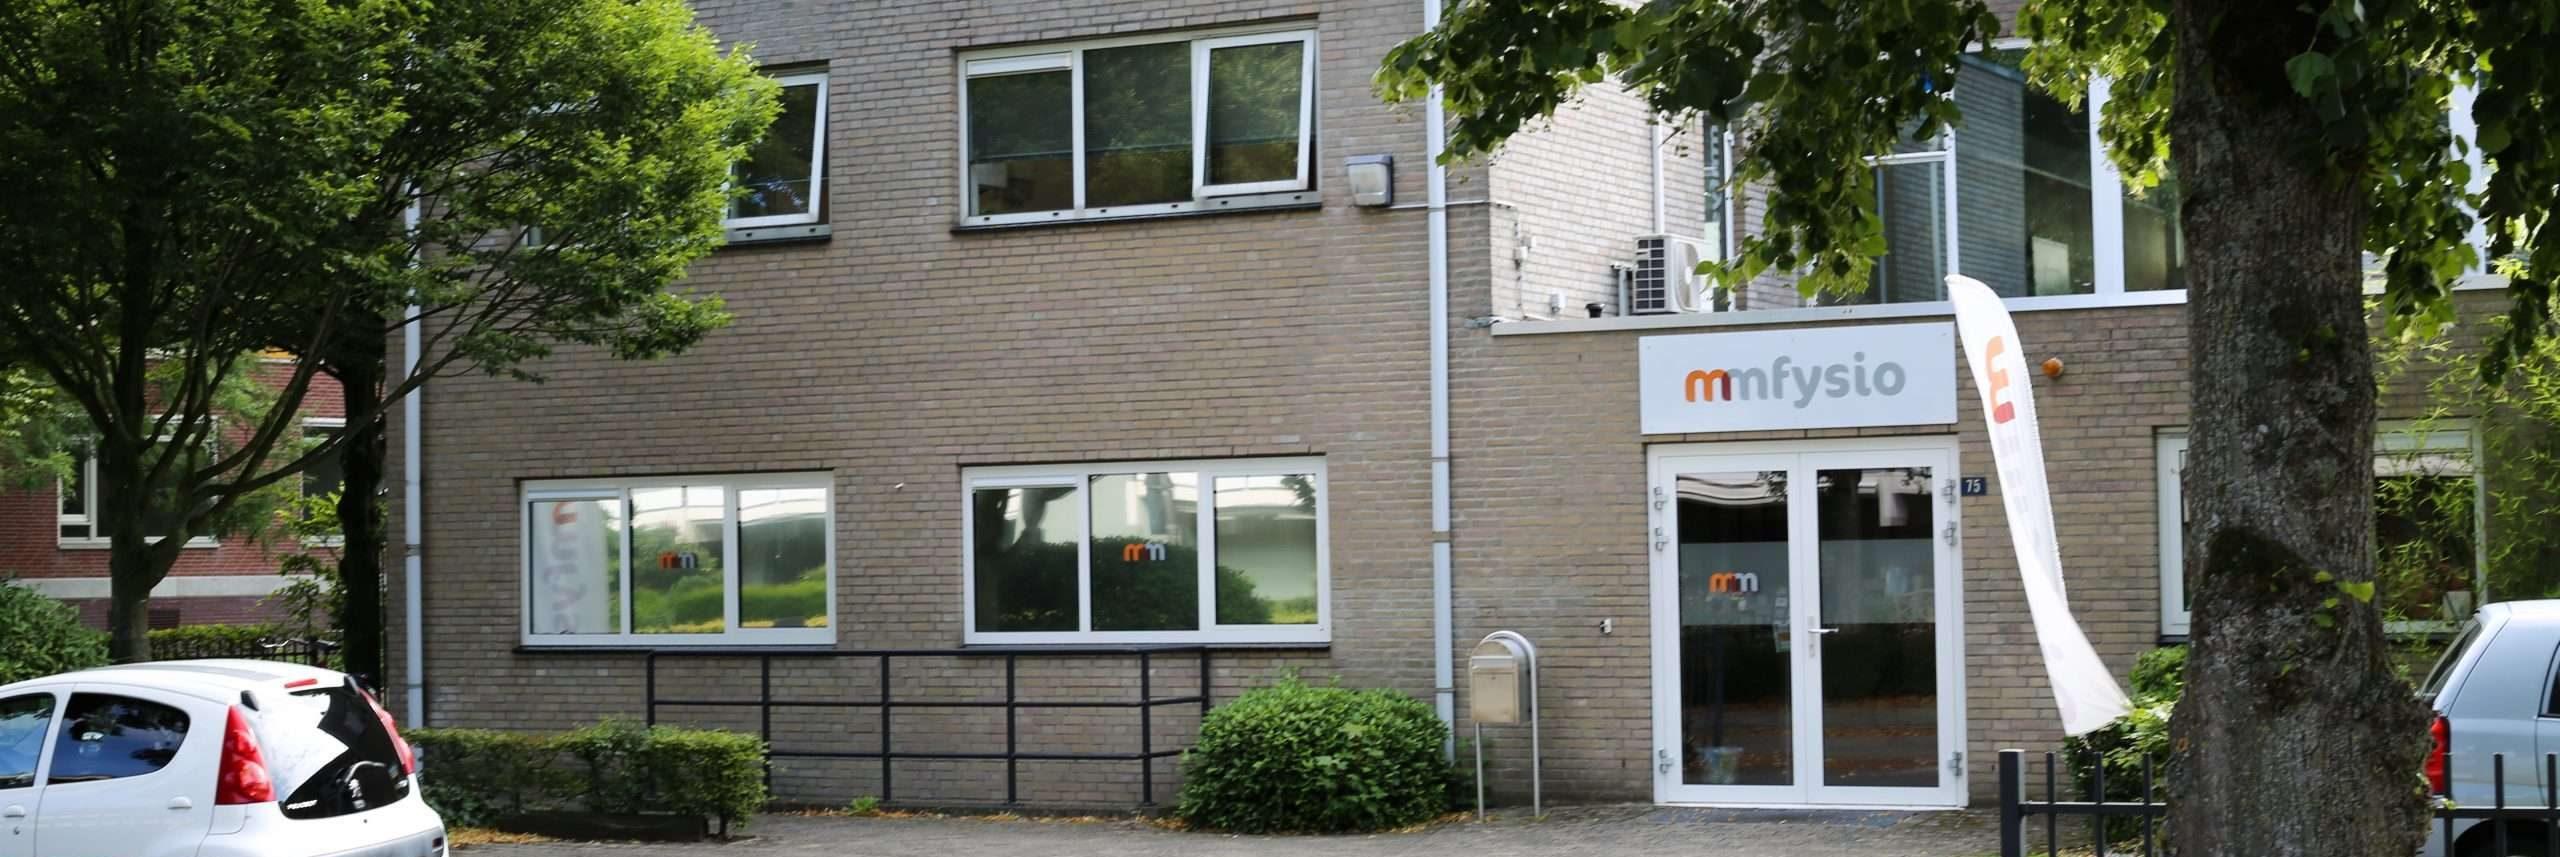 MM-fysio-Nijmegen-Brakkenstein-scaled (1)